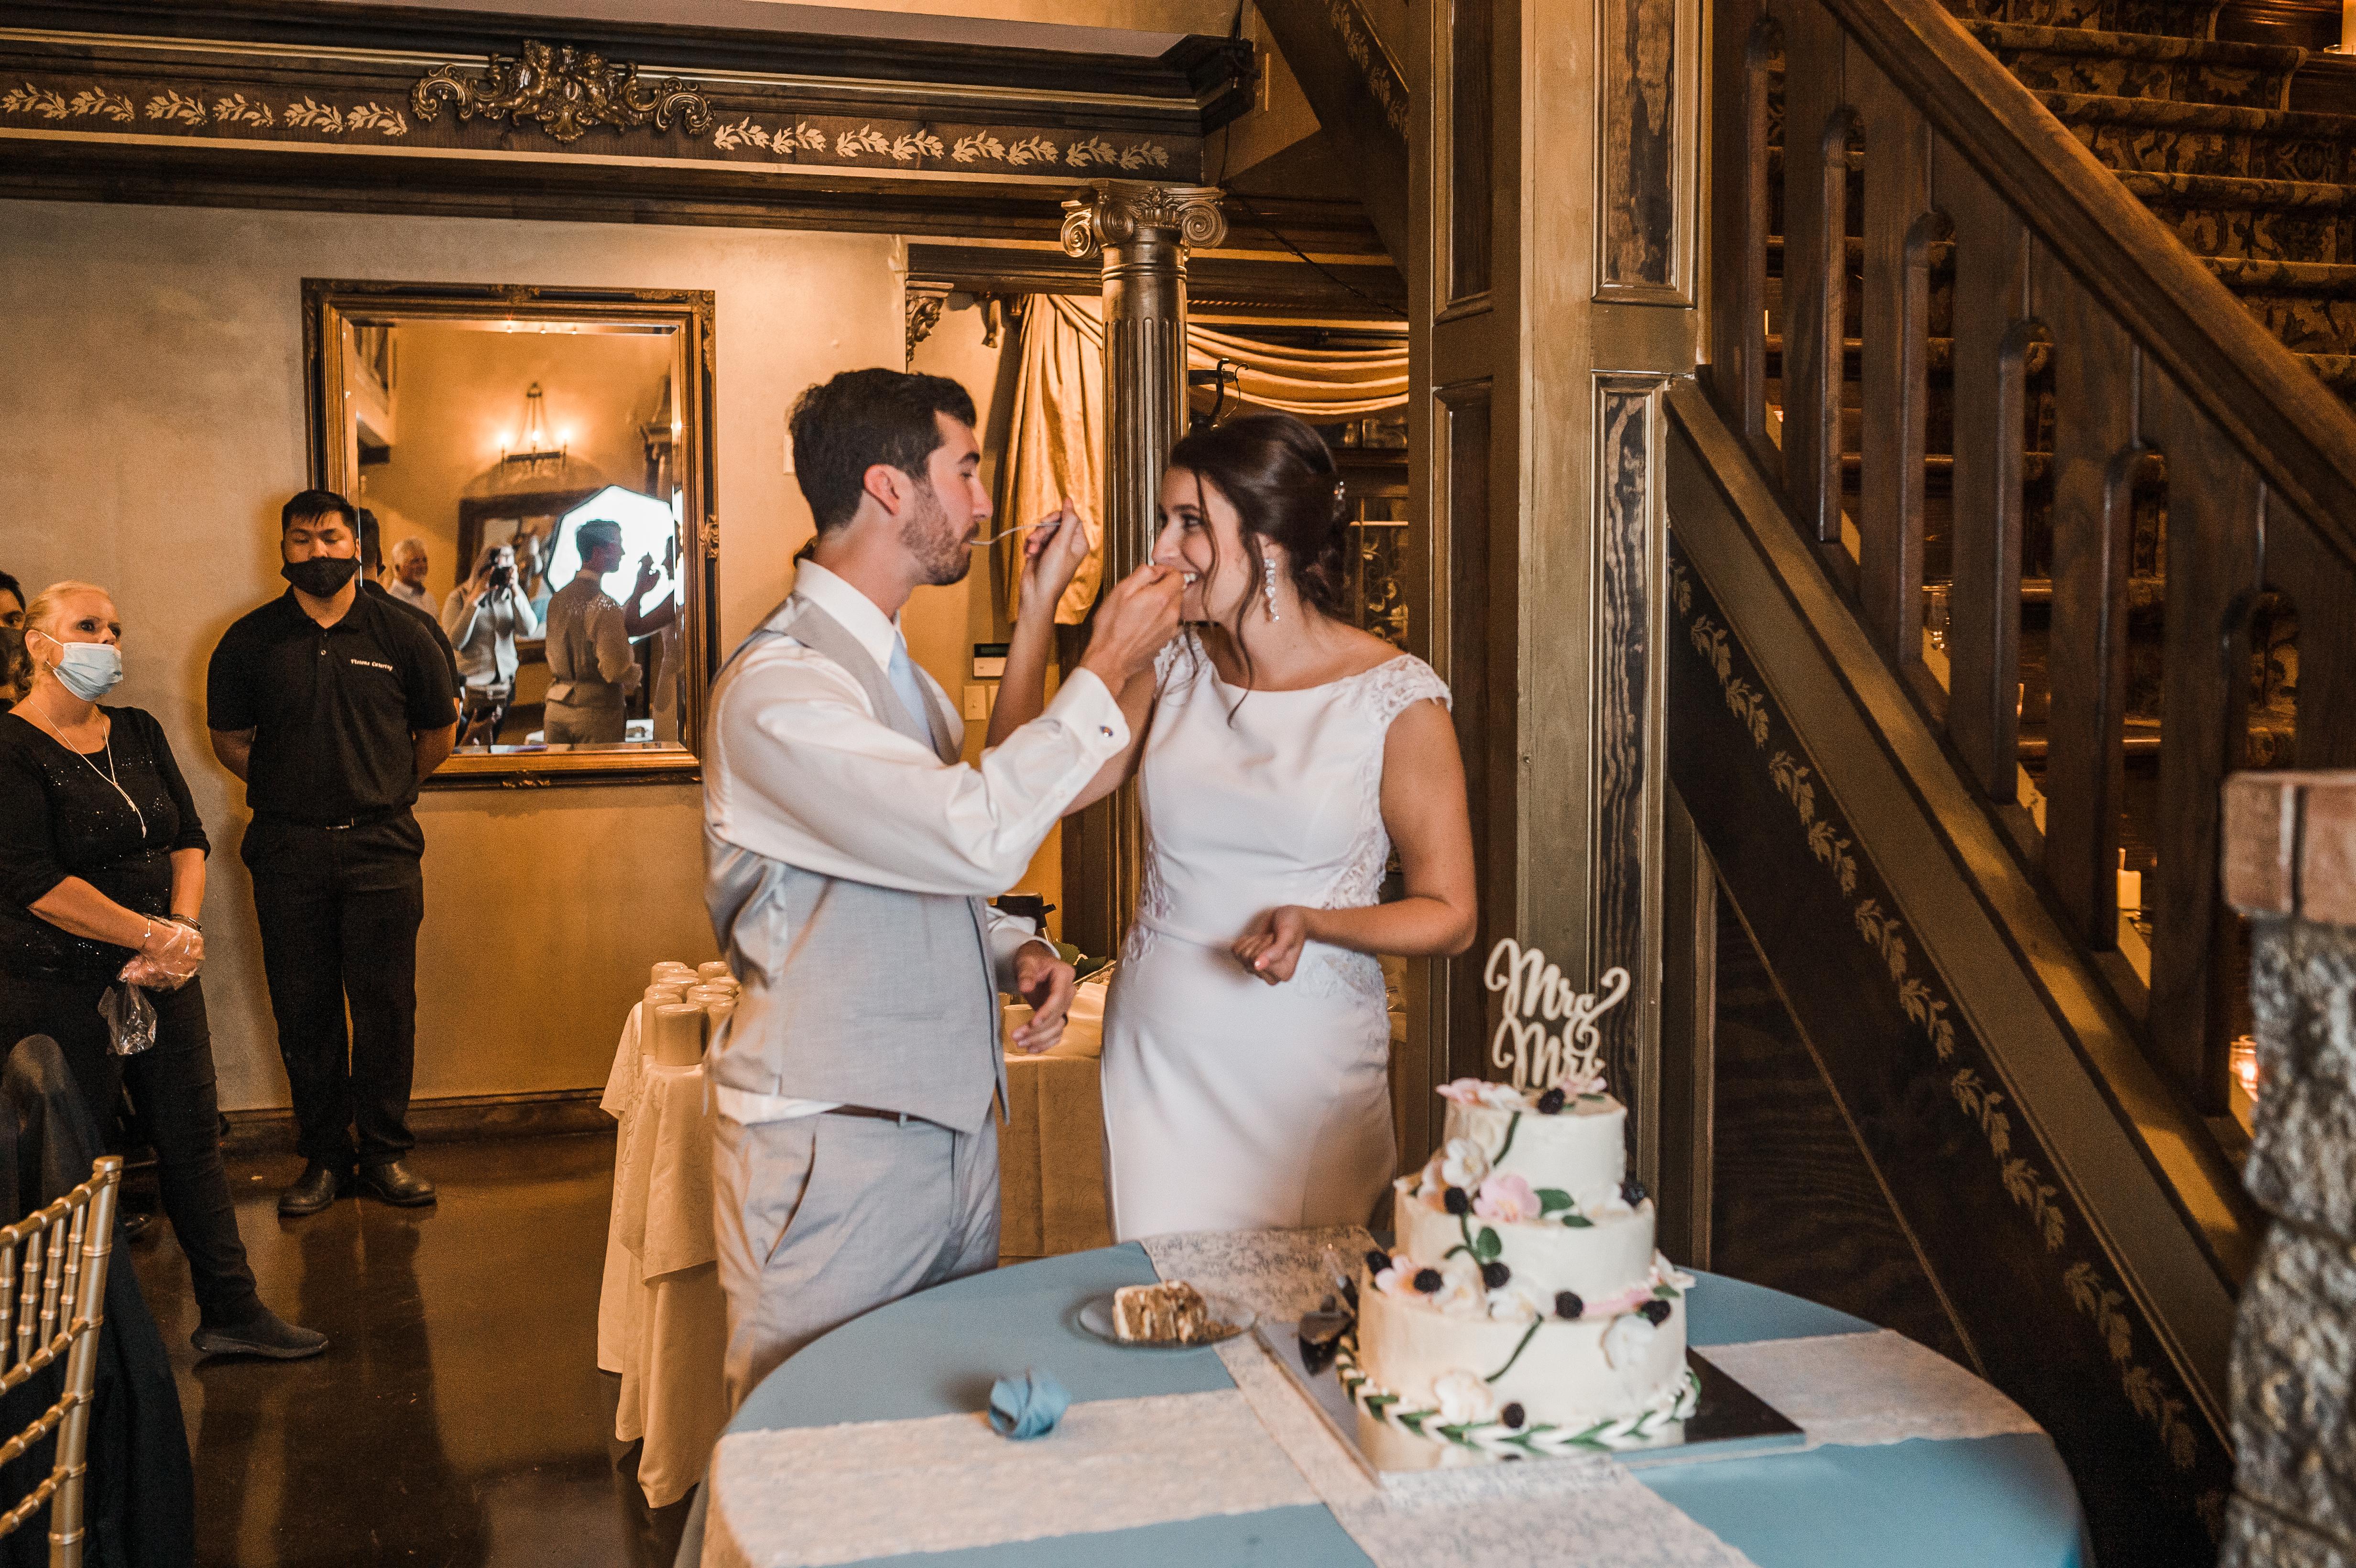 cake smash, cake cutting, newlyweds, angier north carolina